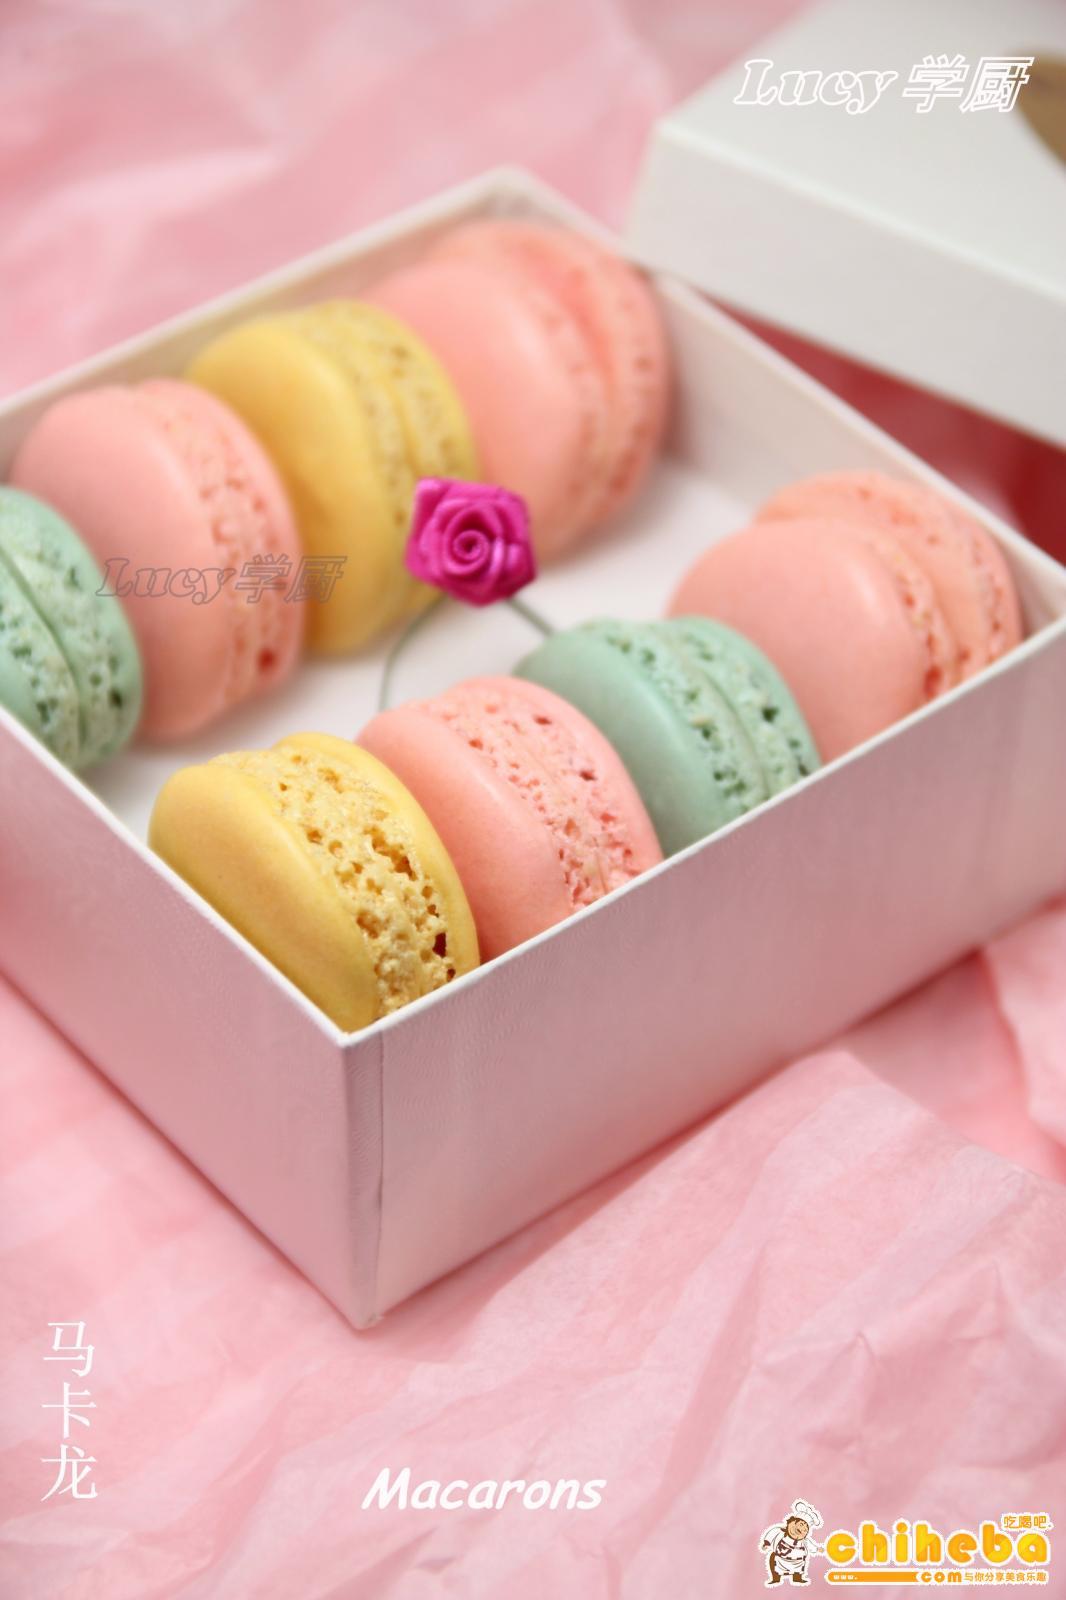 情人节首选法国甜品马卡龙Macaron